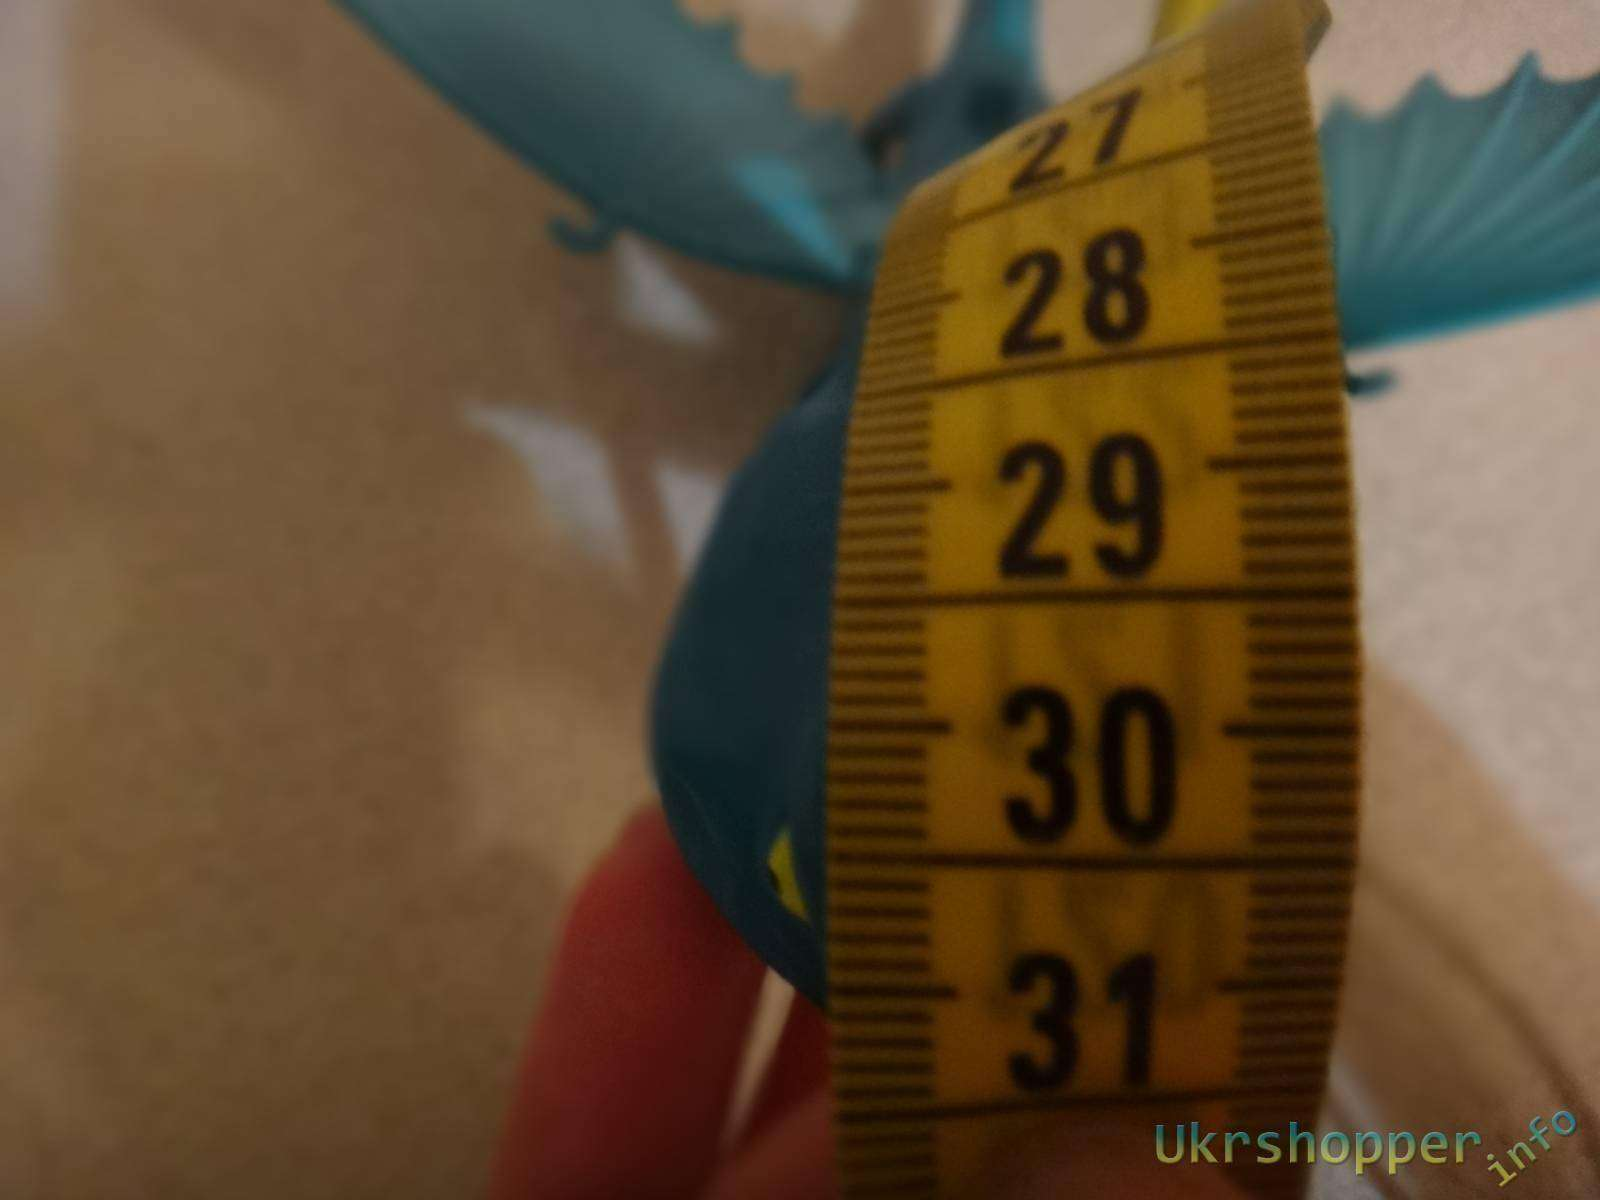 Amazon: Обзор дракона Dreamworks с названием Кипятильник из мультфильма 'Всадники Олуха'